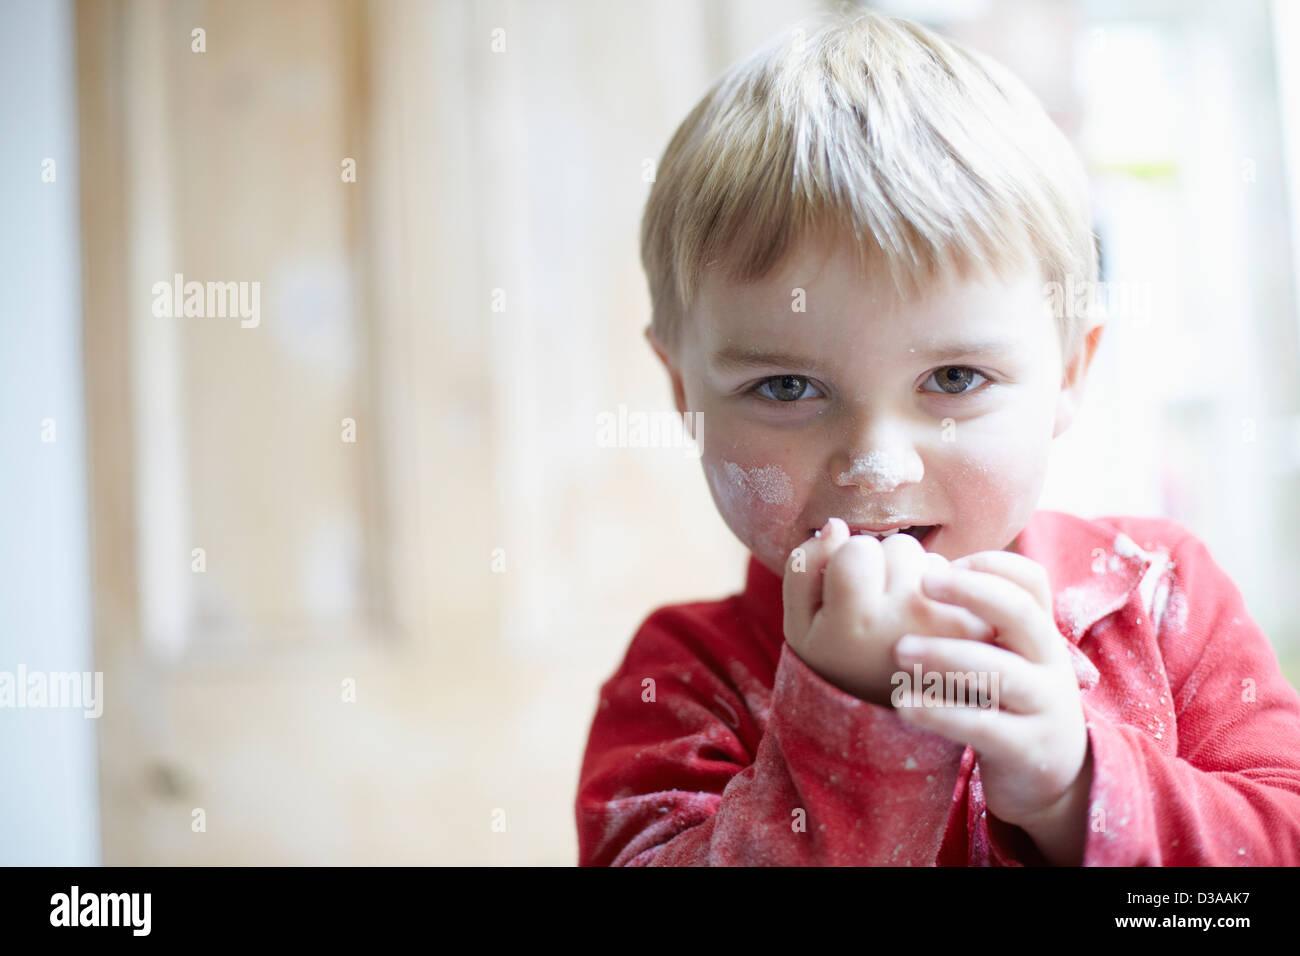 Les garçons face recouverte de farine dans la cuisine Photo Stock